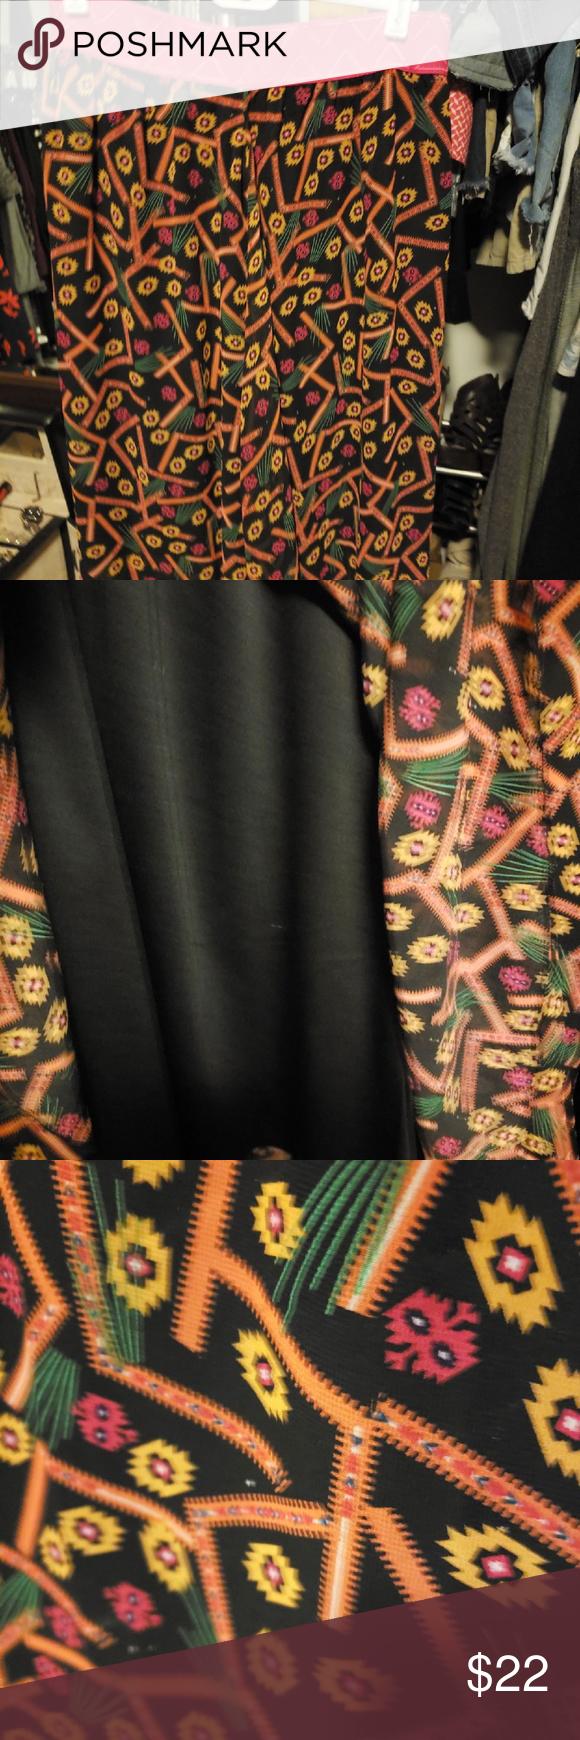 LulaRoe Lola Skirt, Size M EUC, Only worn once.  LulaRoe Lola Skirt.  Size Mediium. Amazing print wi...